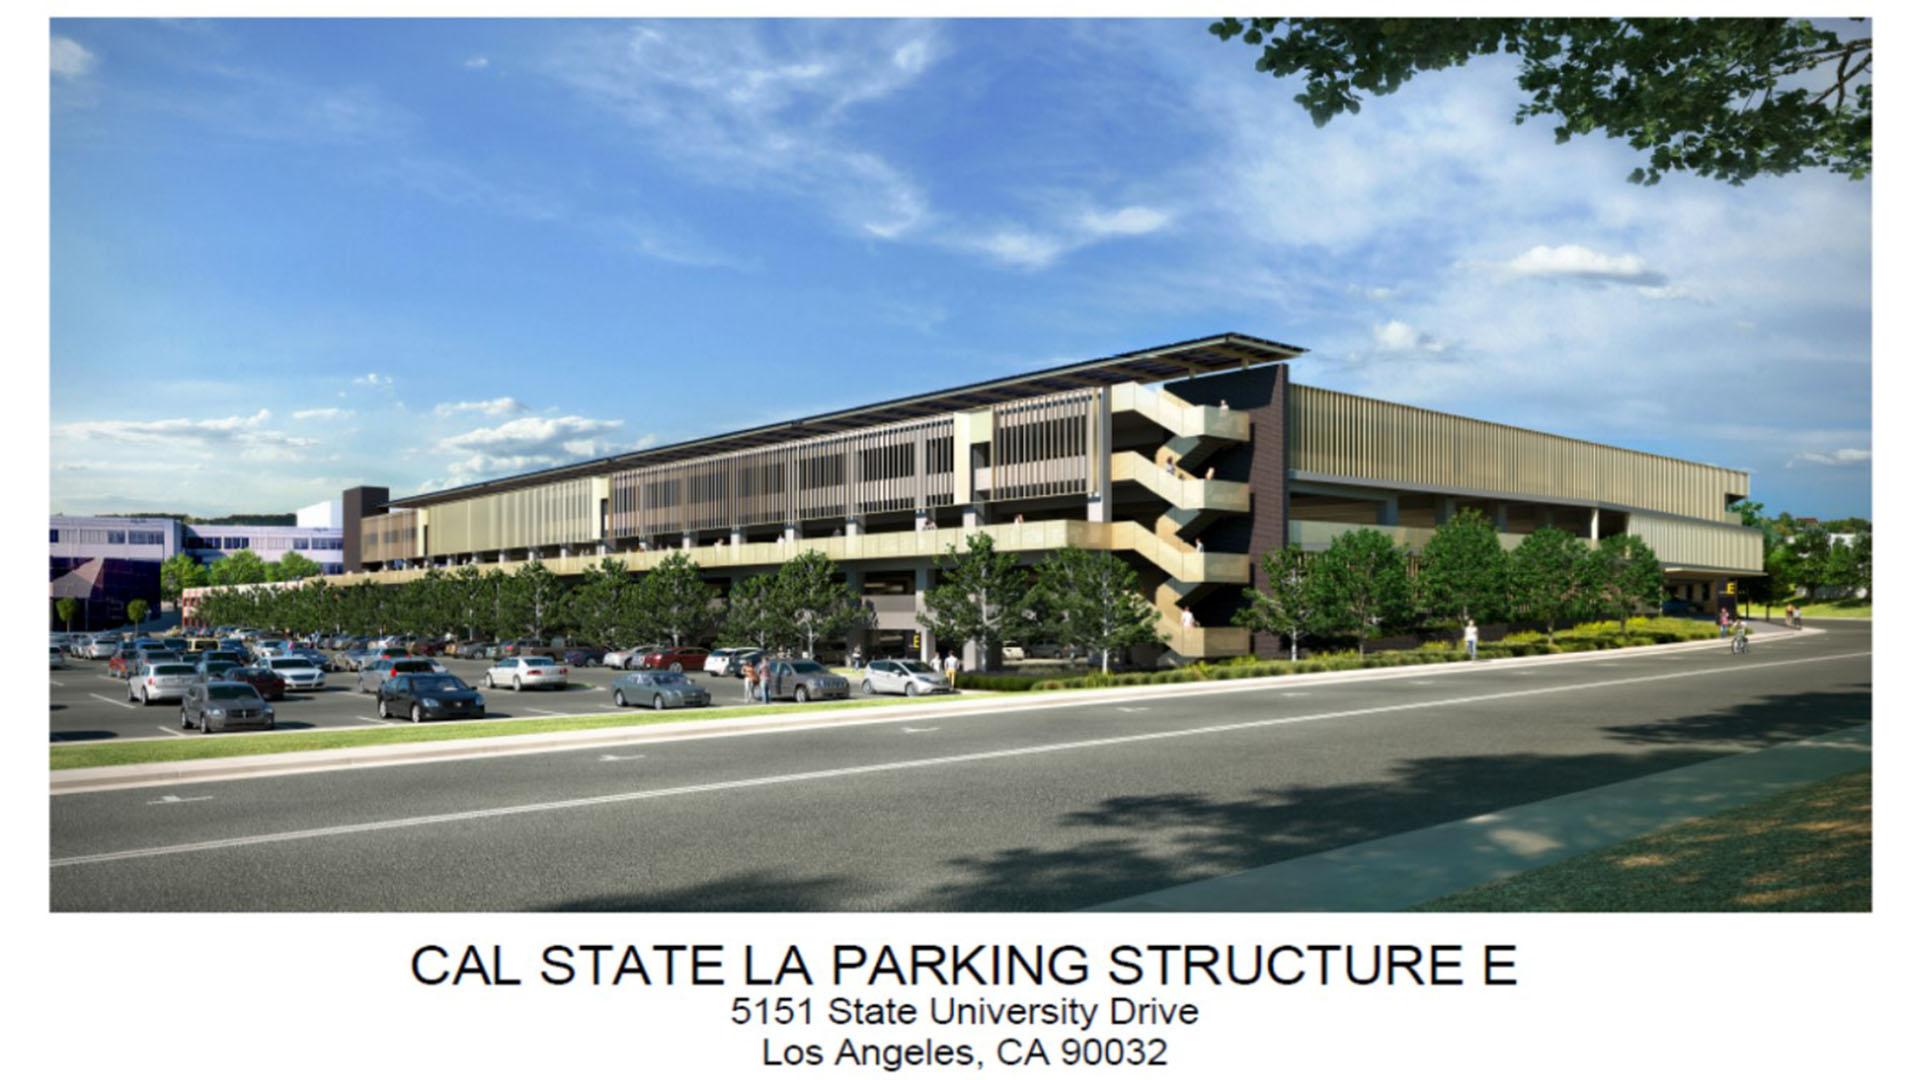 Parking Structure E